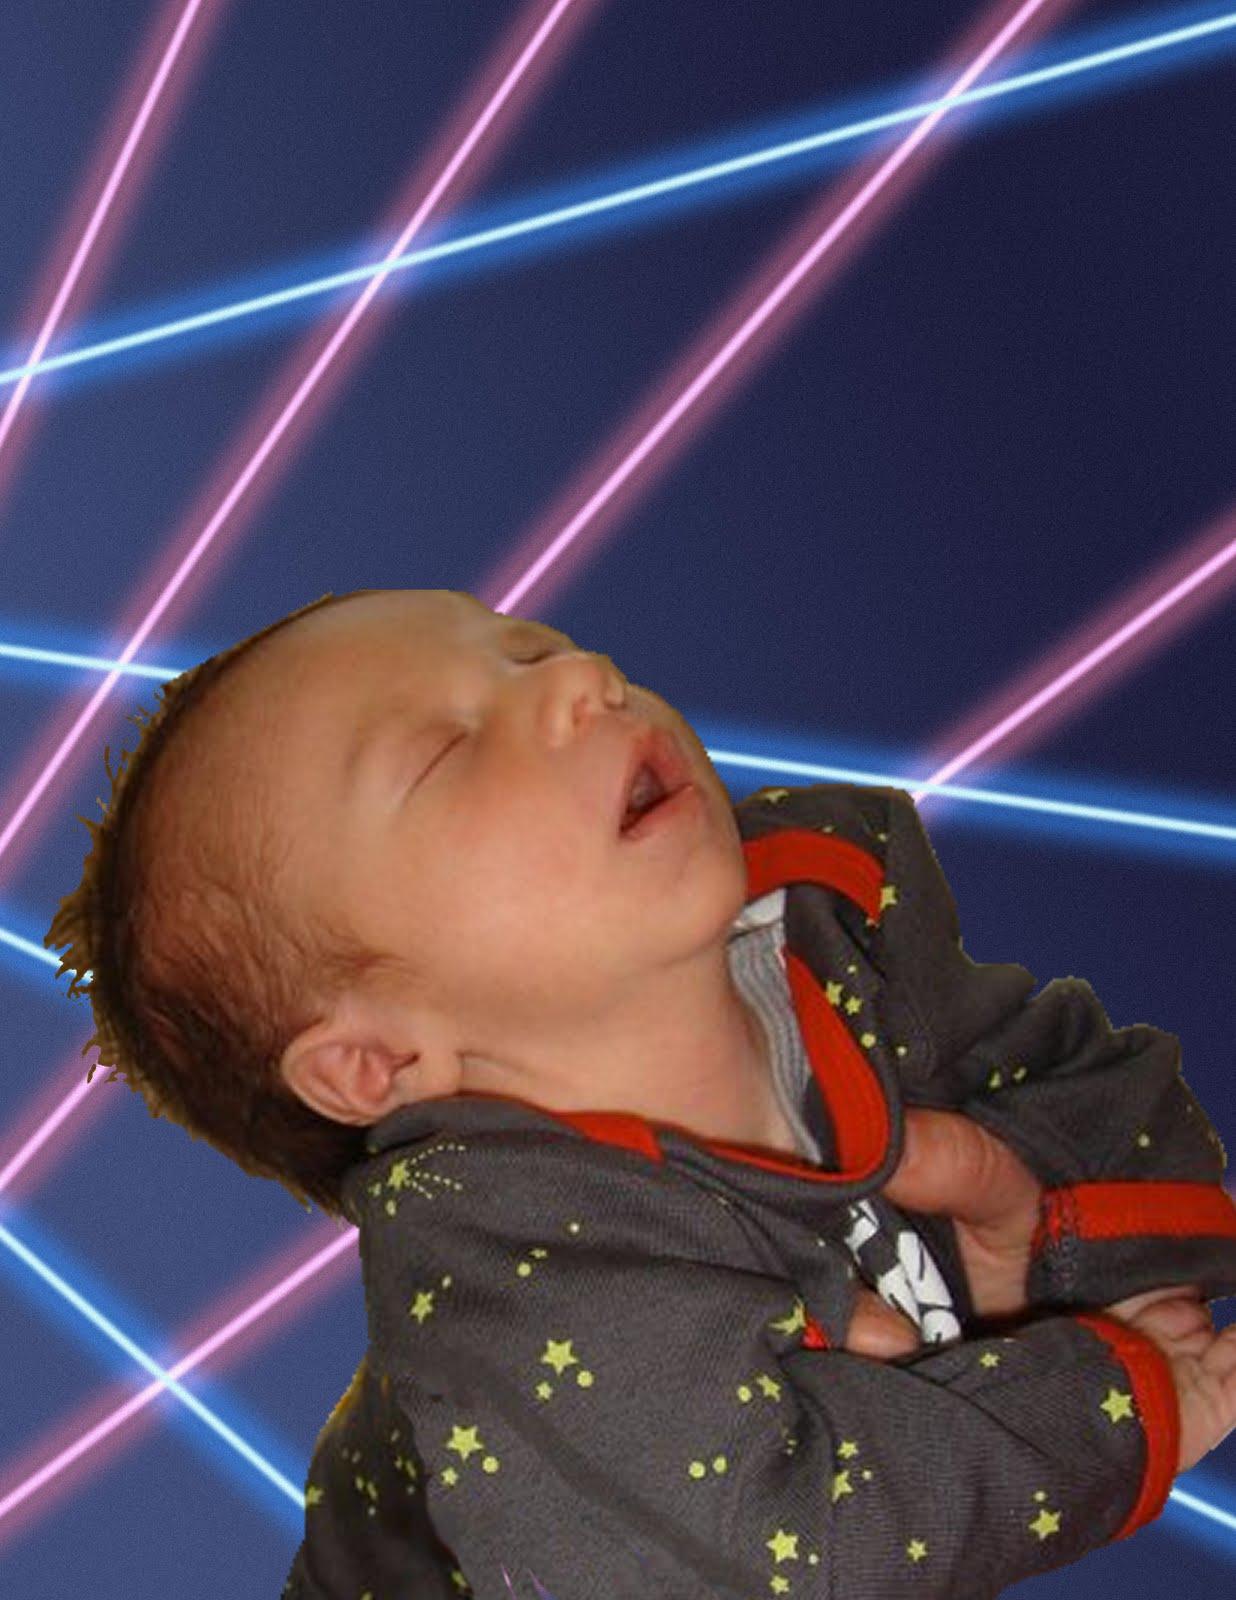 http://4.bp.blogspot.com/_xFV4RA3ZvPI/S94T8nwtLJI/AAAAAAAAAHY/-p1xUfP5DFc/s1600/owen_laser2.jpg